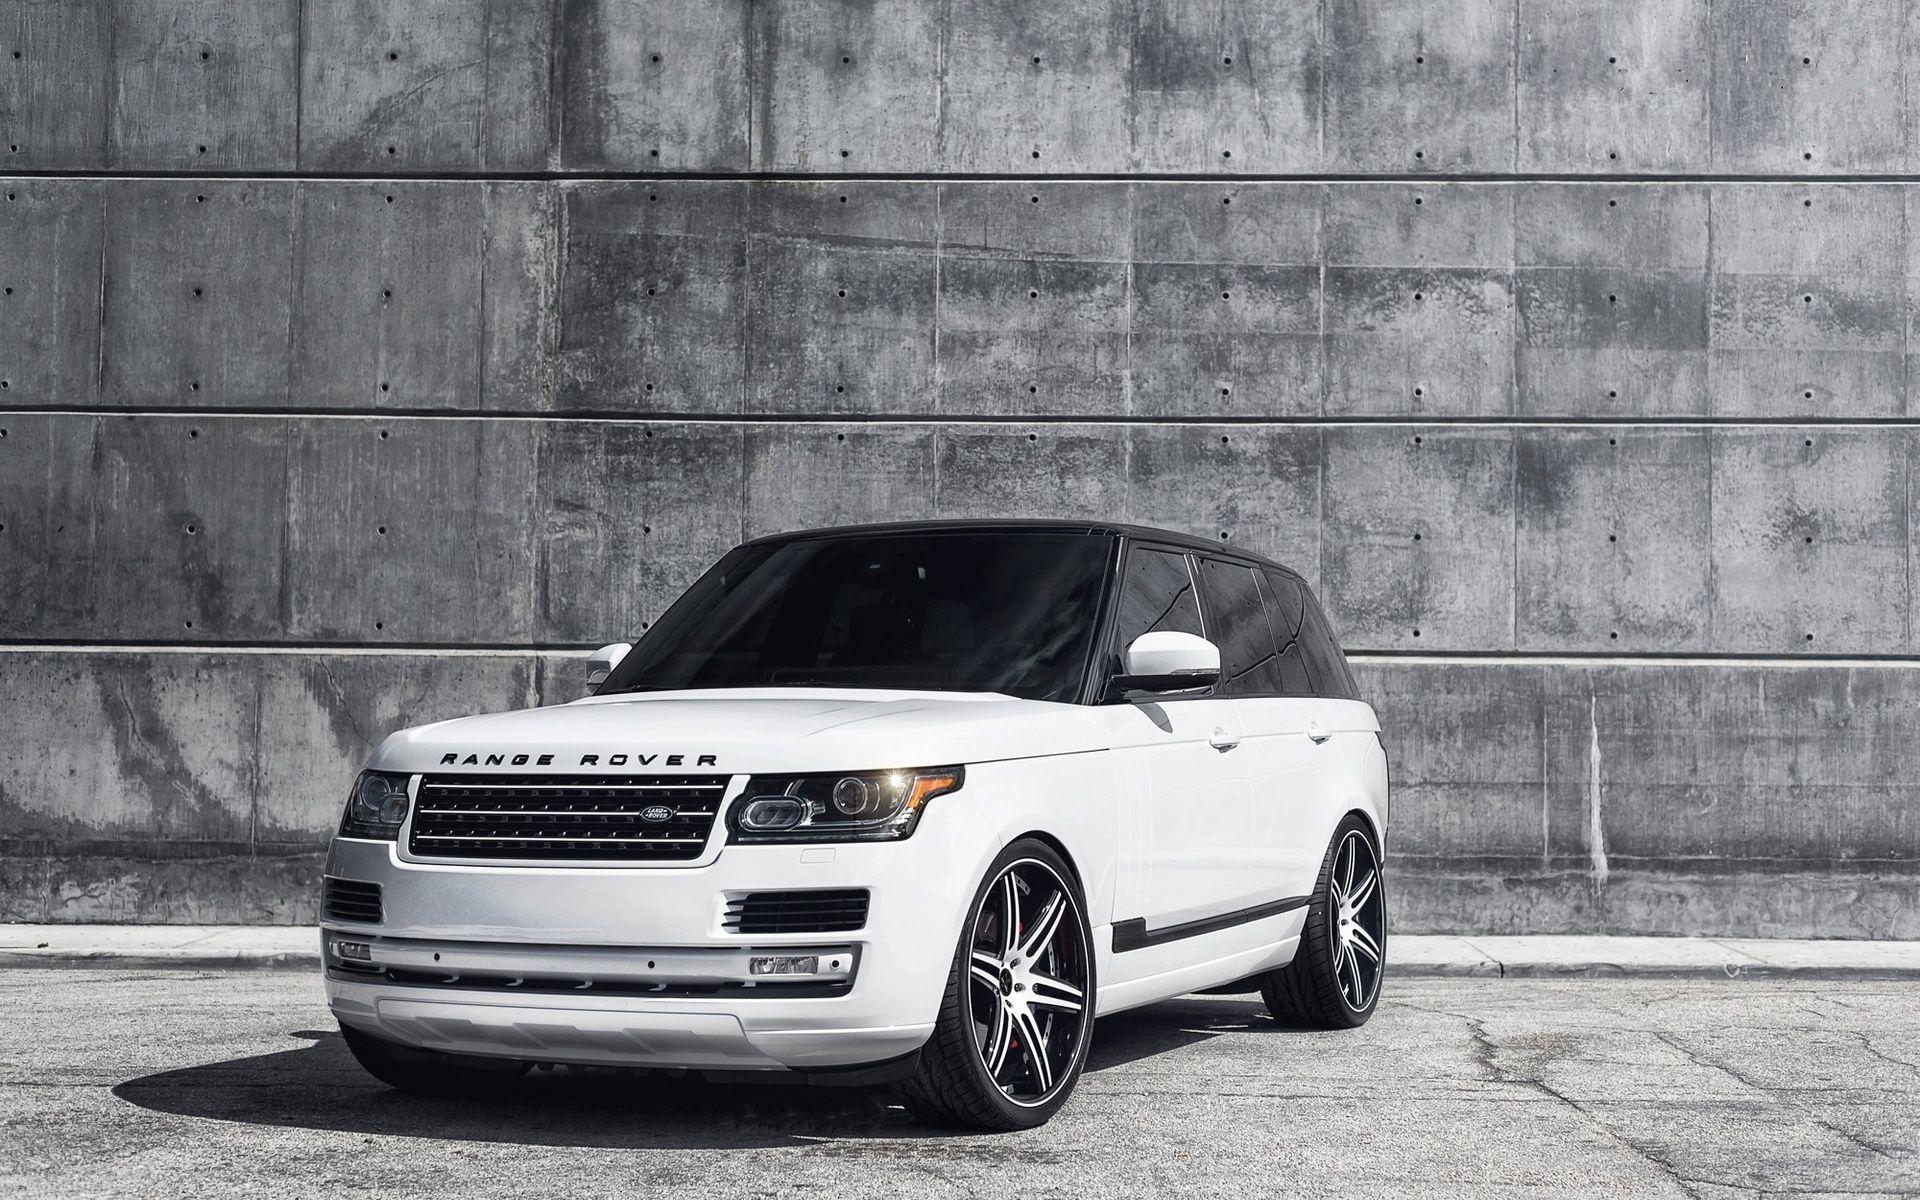 Range Rover Vogue White Hdwallpaperfx Pinterest Range Rover